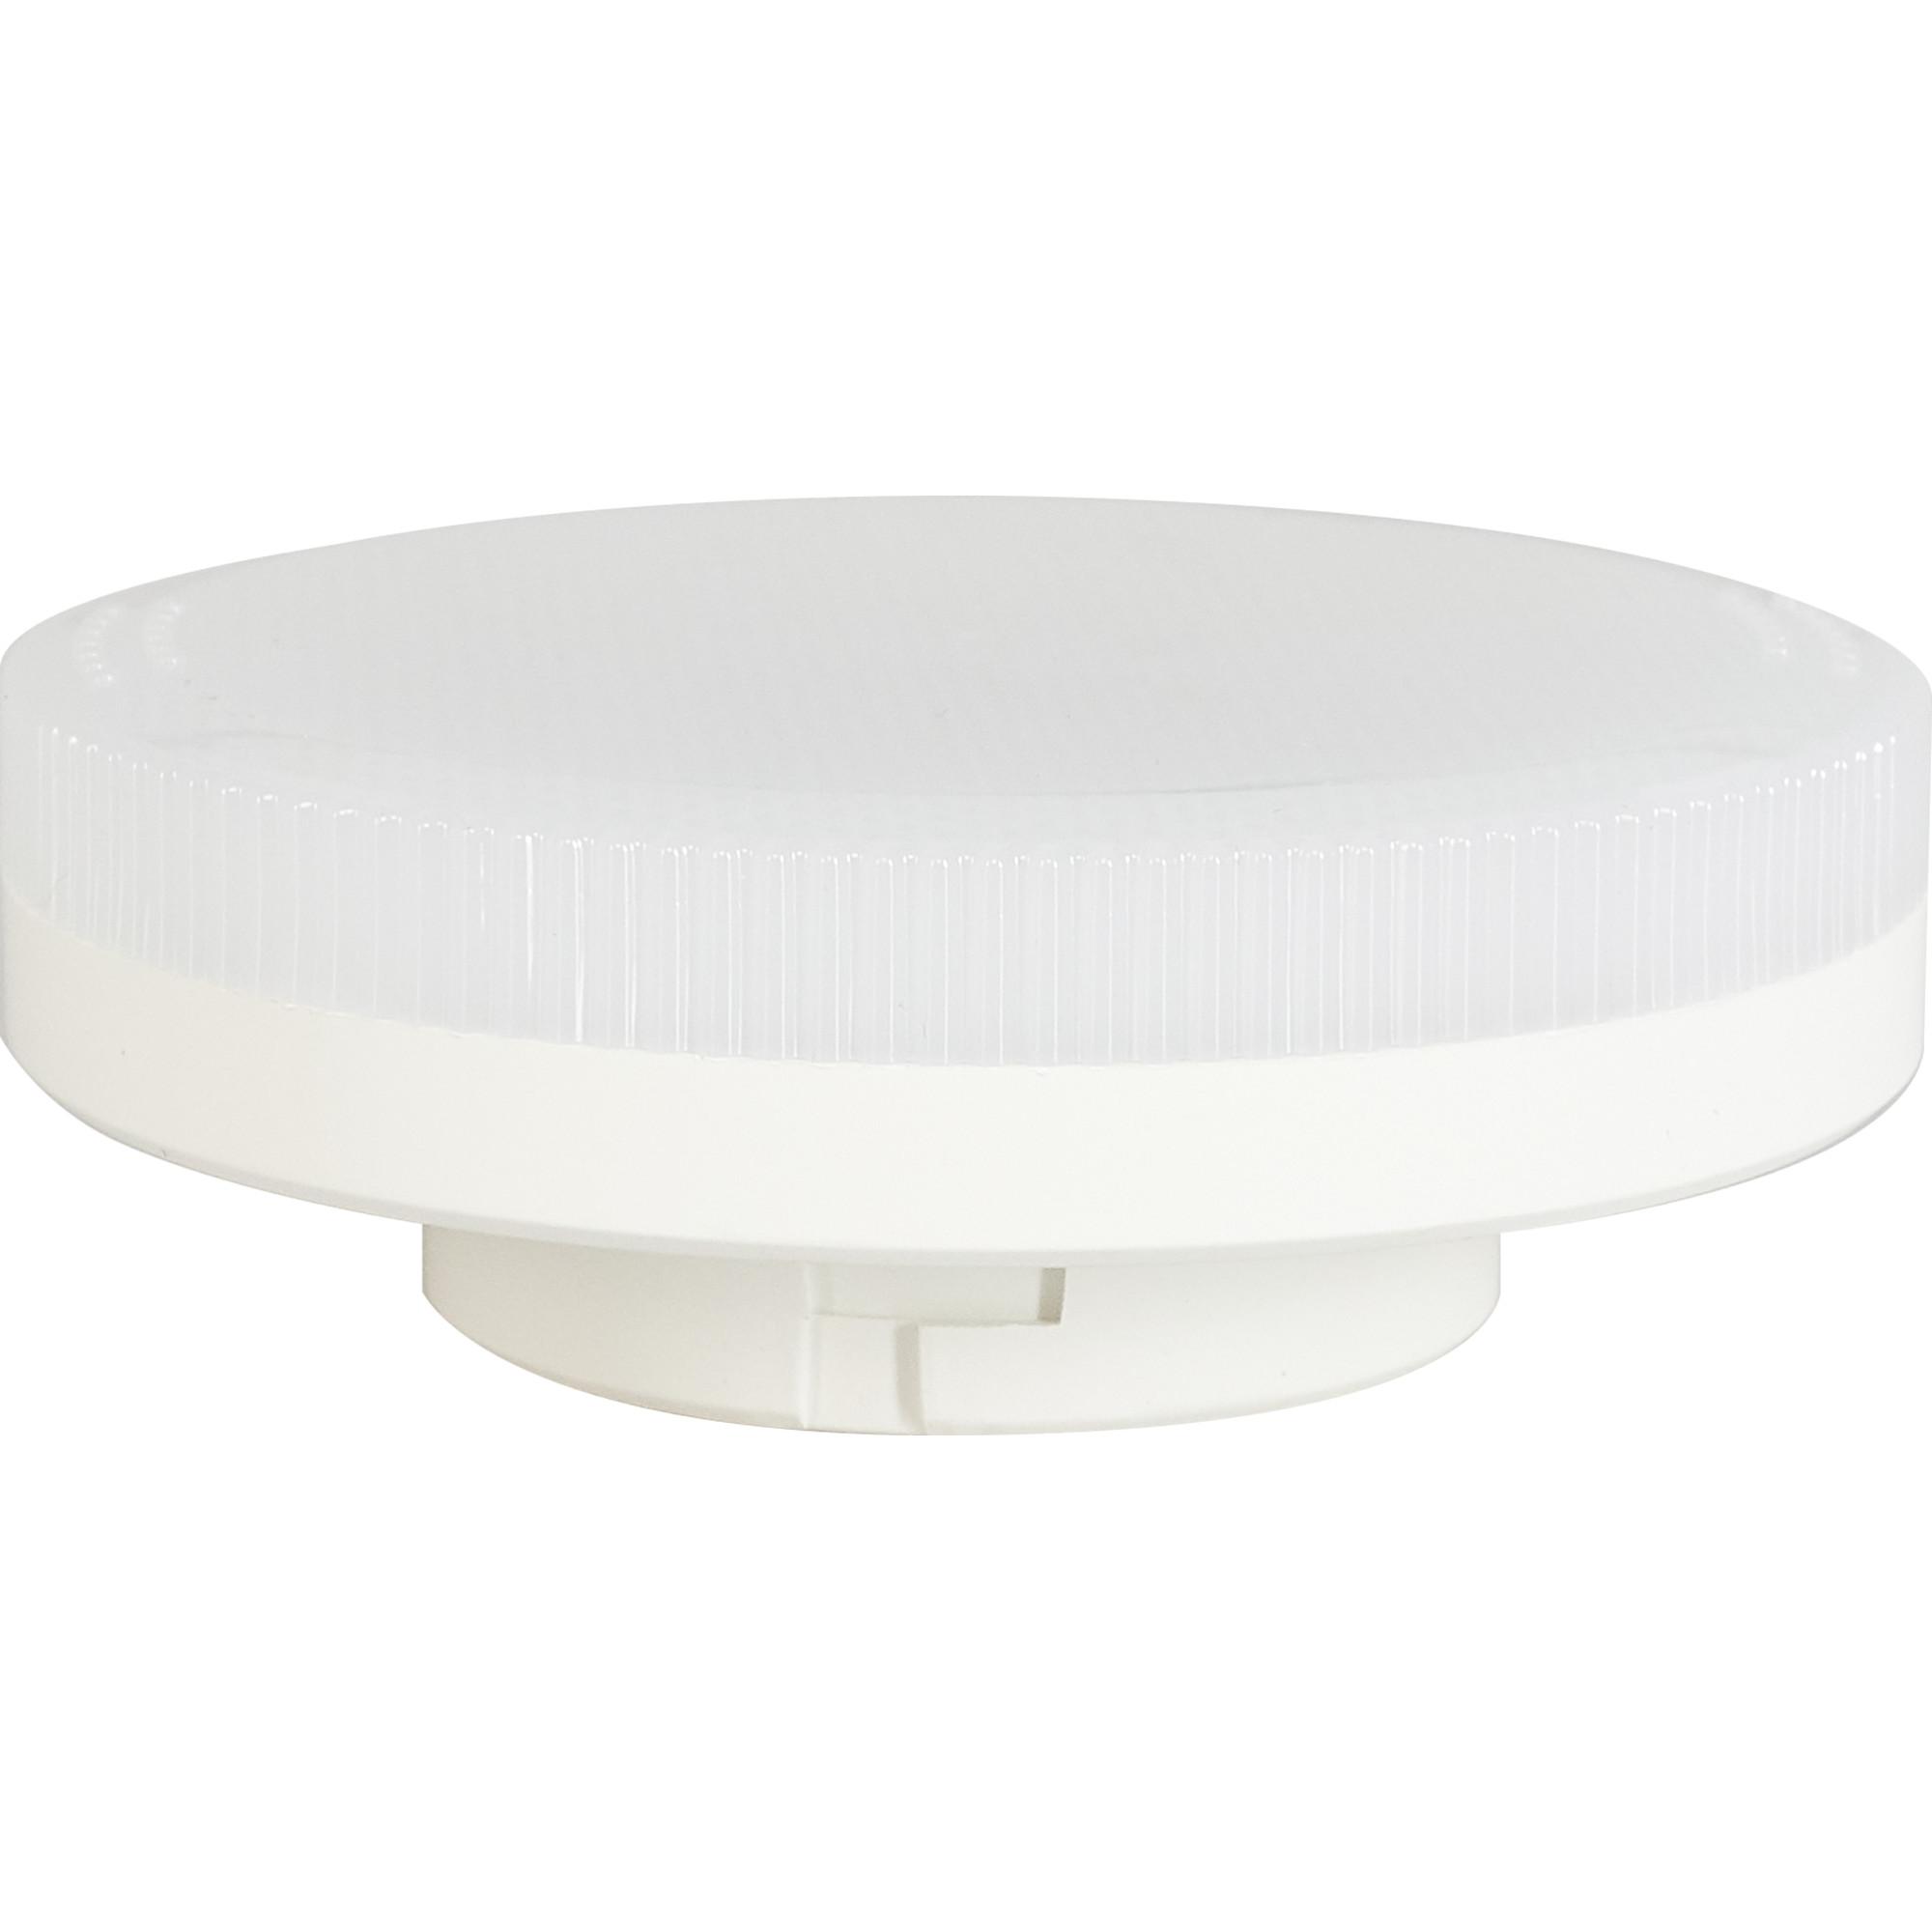 Лампа светодиодная Gauss Basic GX53 230 В 8.5 Вт диск 510 лм свет тёплый белый